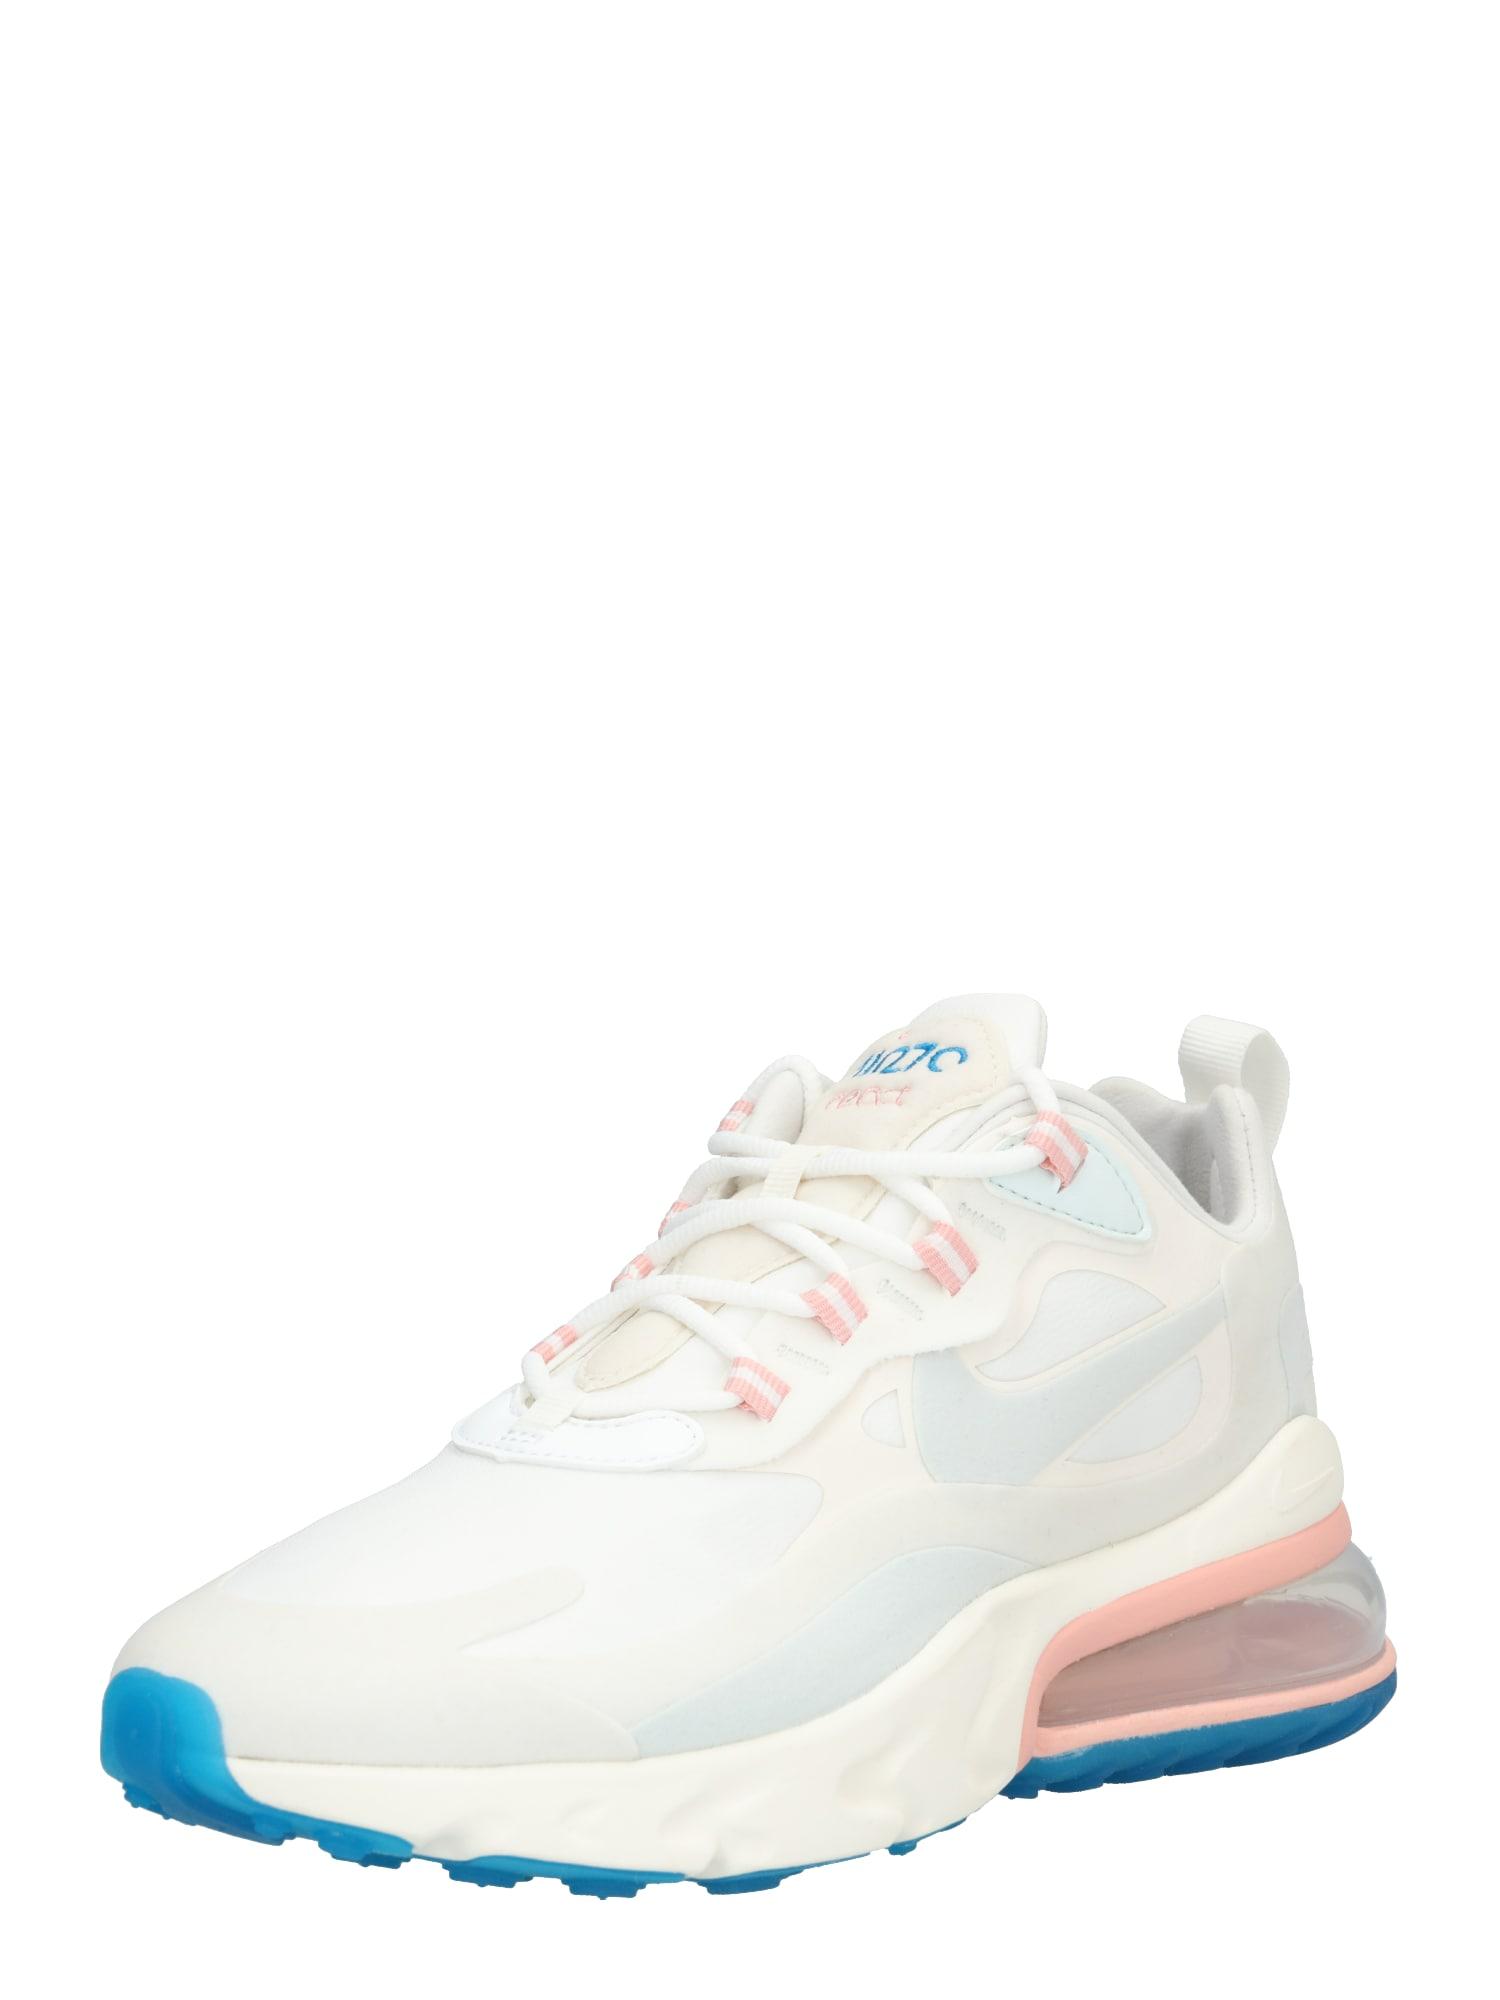 Tenisky AIR MAX 270 REACT bílá Nike Sportswear